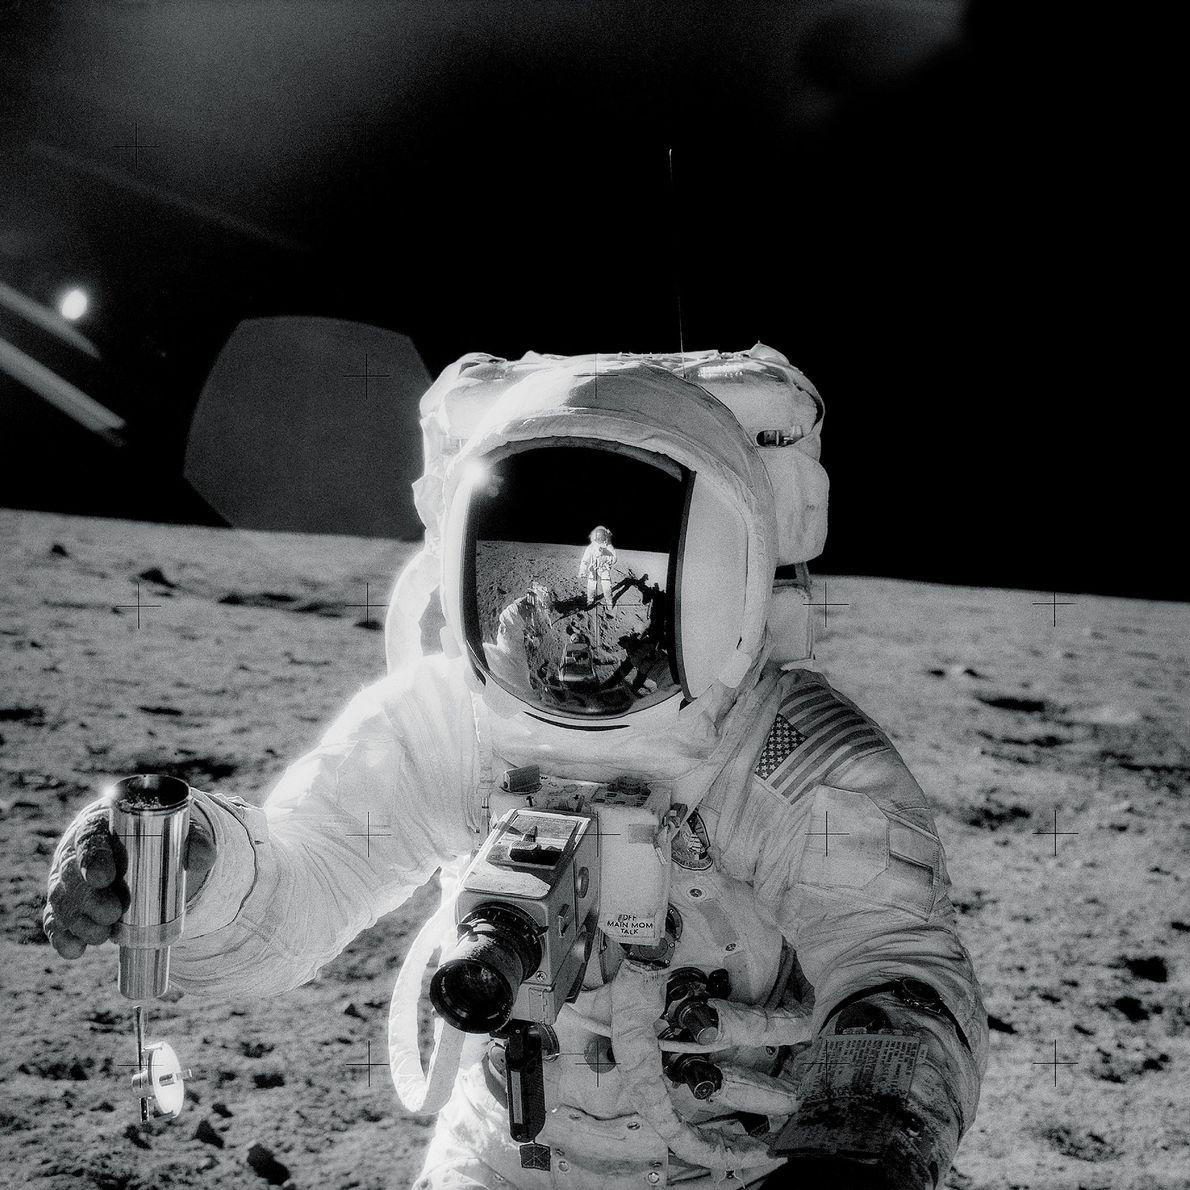 Durante la misión Apolo 12 en 1969, el astronauta Charles Conrad tomó esta selfie reflejado en ...